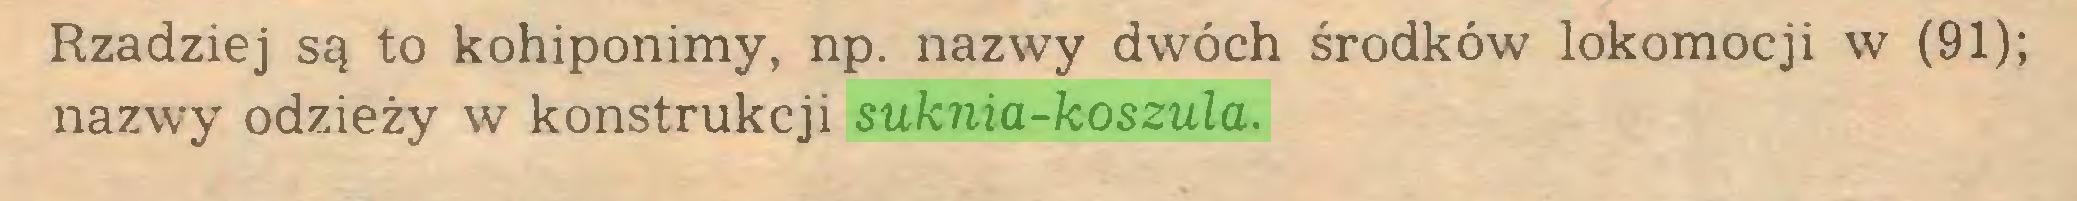 (...) Rzadziej są to kohiponimy, np. nazwy dwóch środków lokomocji w (91); nazwy odzieży w konstrukcji suknia-koszula...